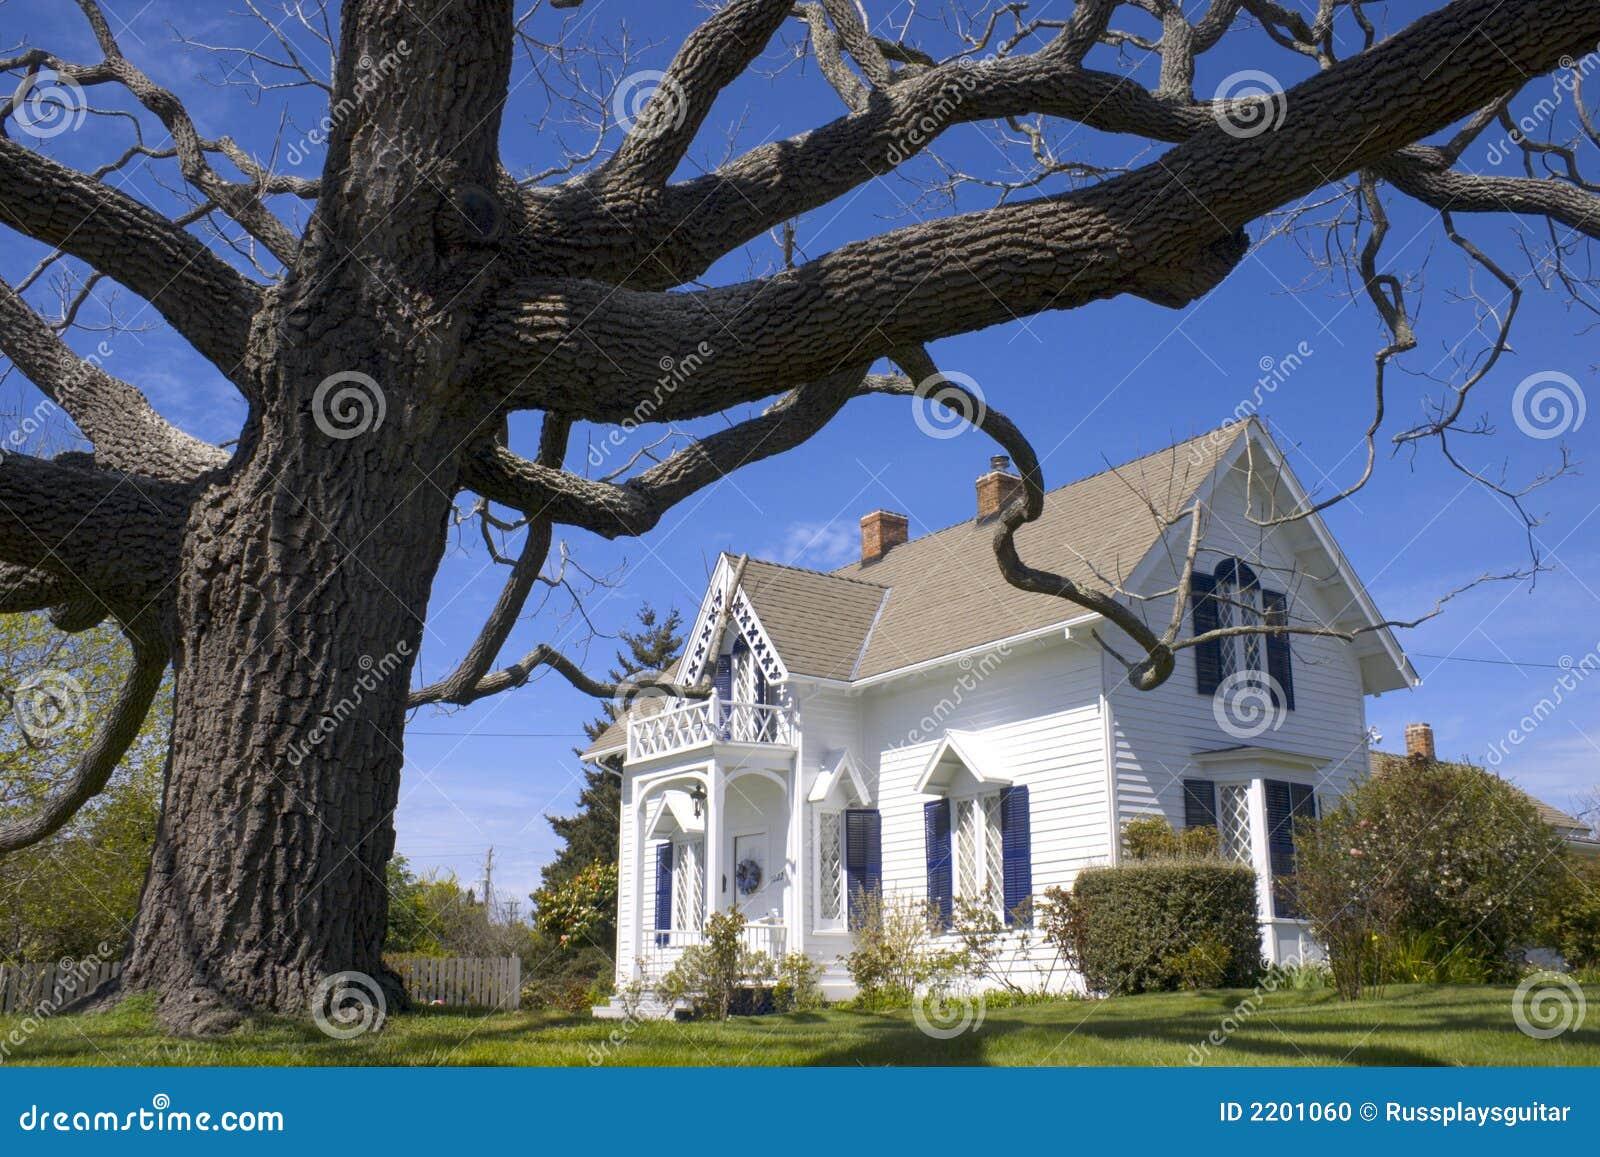 Das ikonenhafte Weiße Haus und Baum